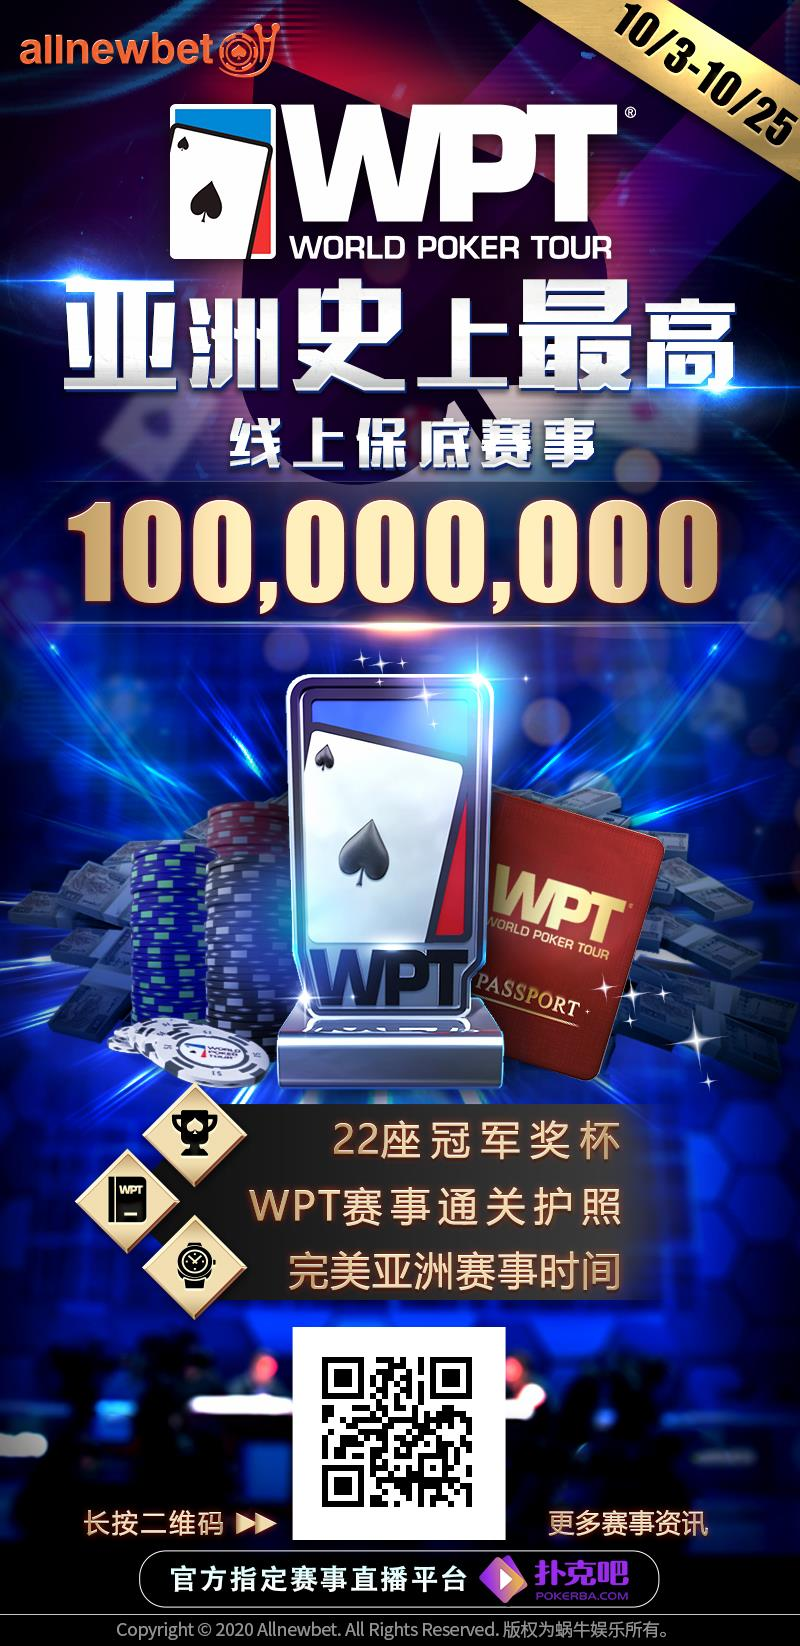 【GG扑克】亚洲限定!WPT史上最高保底线上赛事来袭